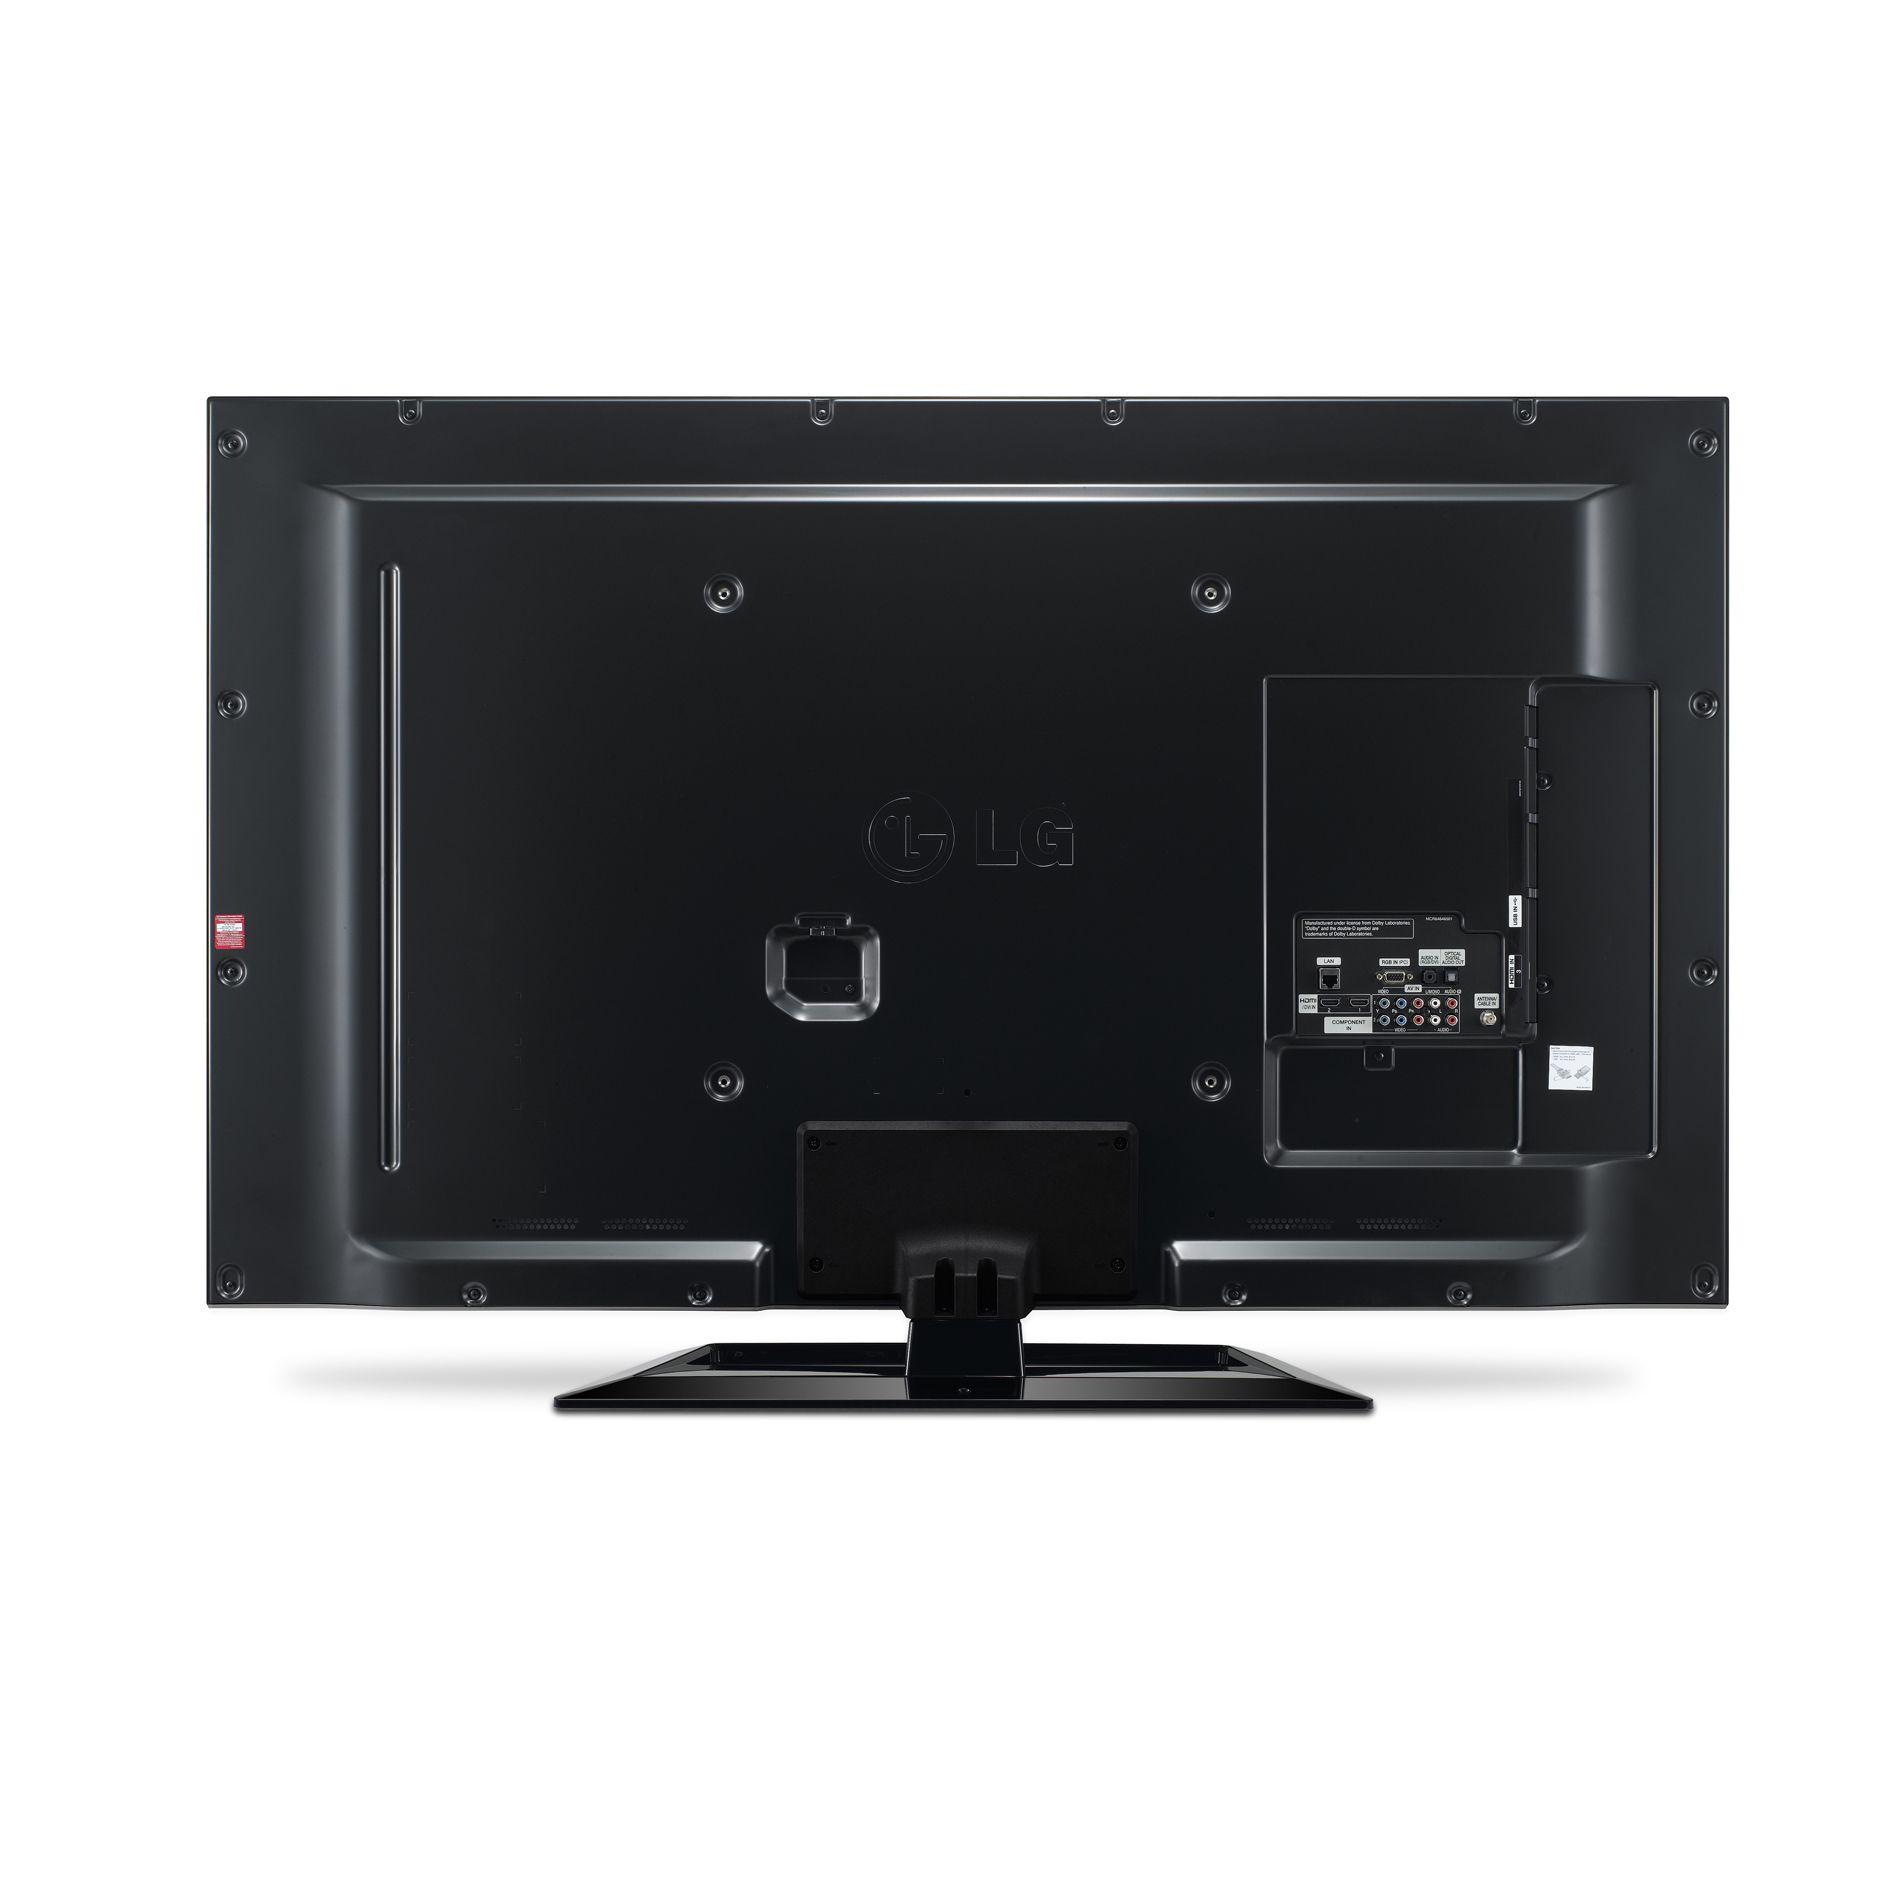 """LG Refurbished 55"""" Class LED HDTV - 55LS4600"""